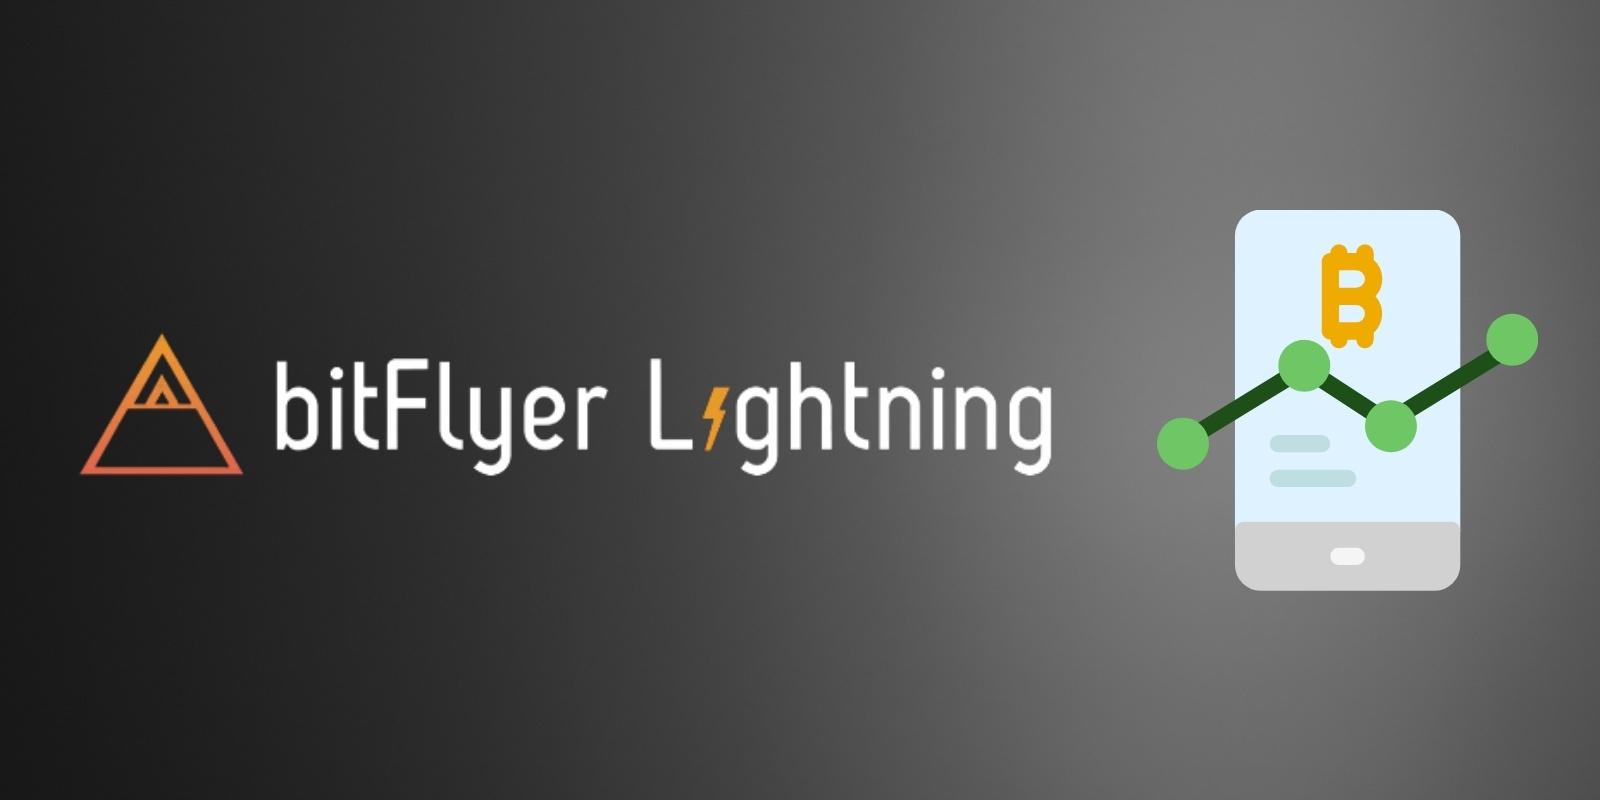 À la découverte de bitFlyer Lightning, la plateforme de trading avancée de bitFlyer